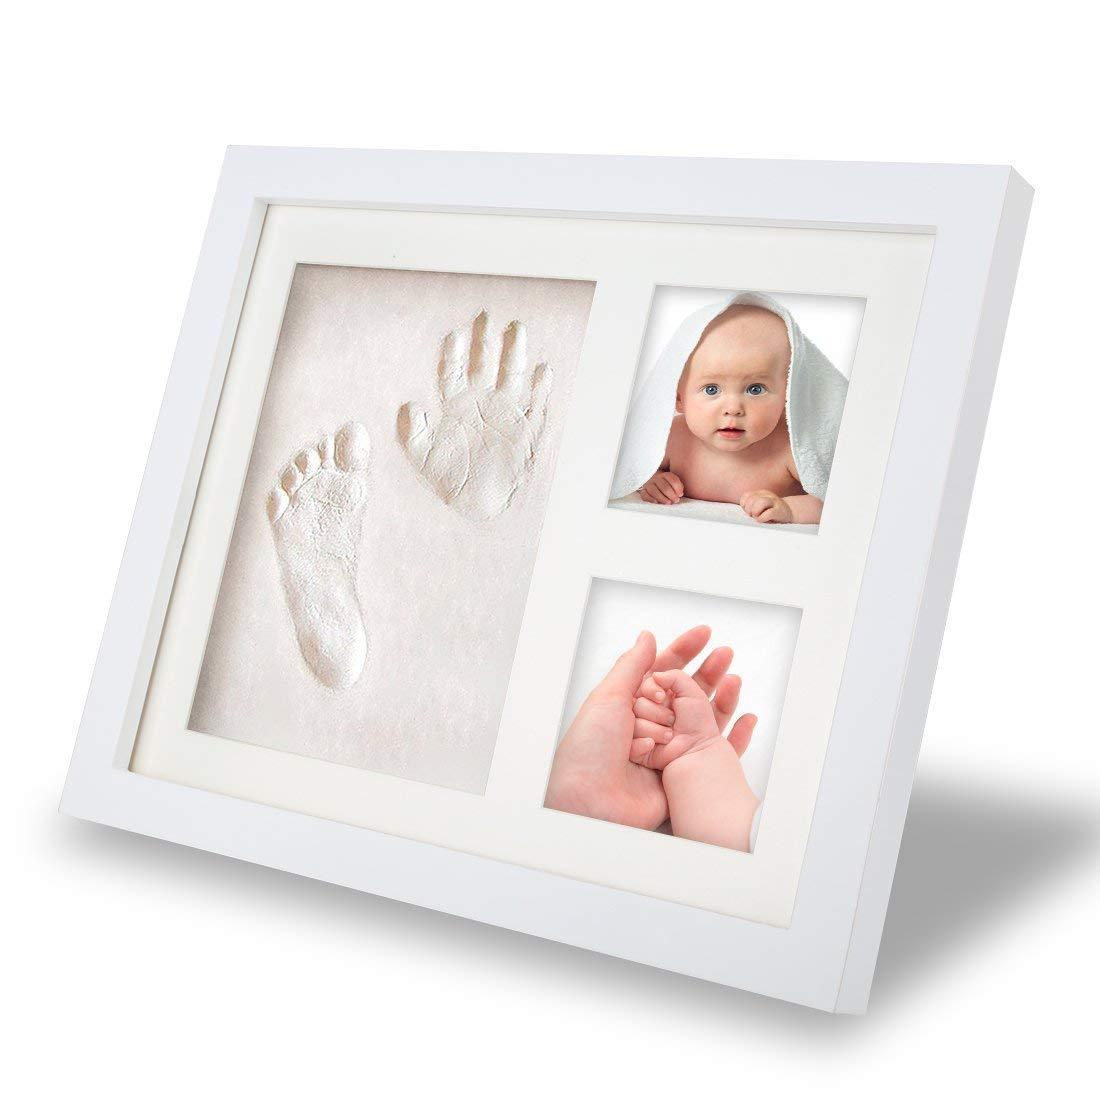 Baby Bilderrahmen Fotoalbum,Tatuer Baby Deko Holzbilderrahmen f/ür Handabdruck und Fussabdruck Weihnachtsgeschenke f/ür Neugeborene,Babyparty Taufe Mit Geschenk Box Ungiftiger Ton